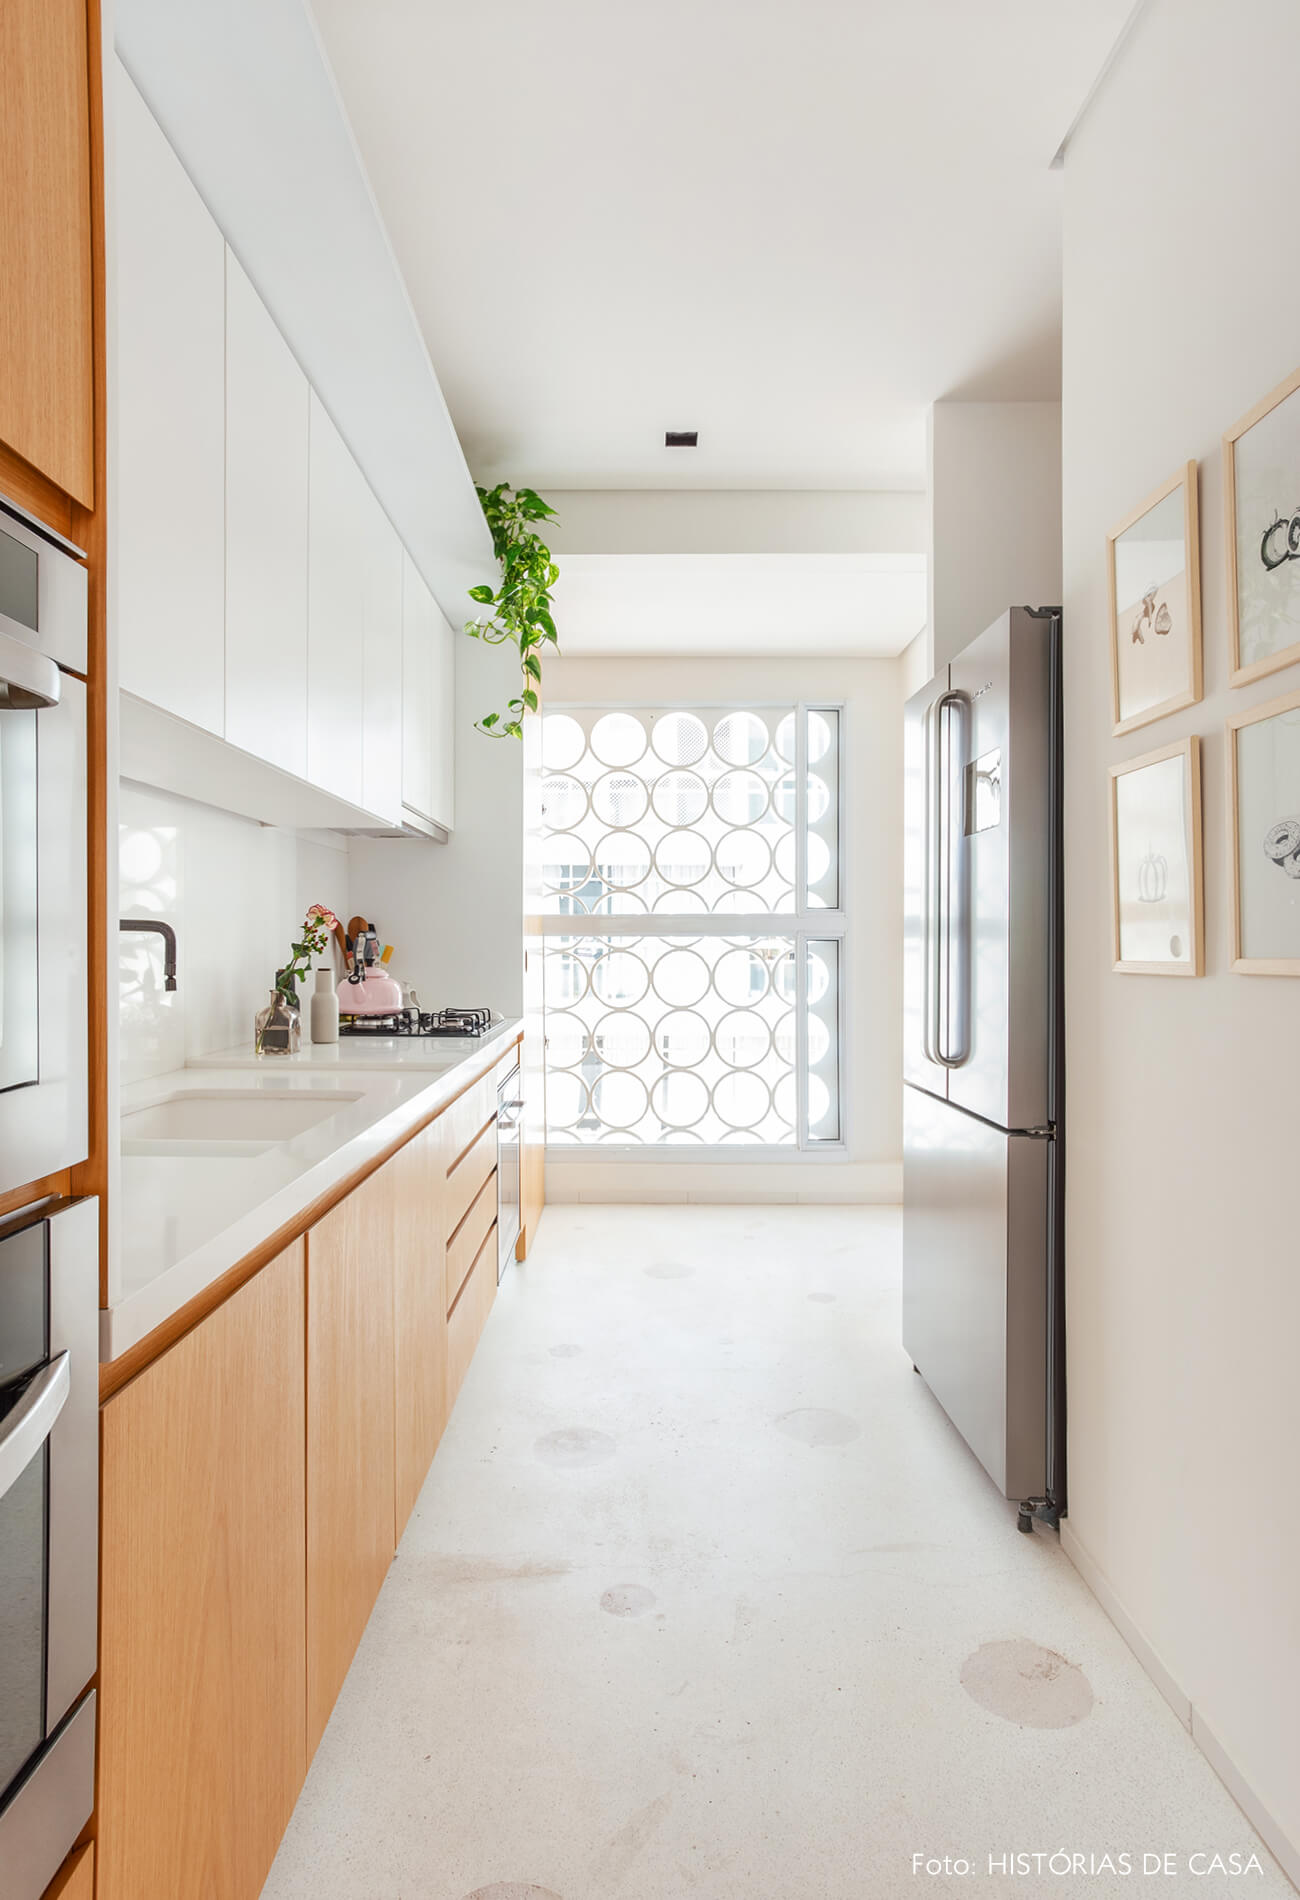 Cozinha com cobogós ao fundo e piso de granilite com bolas